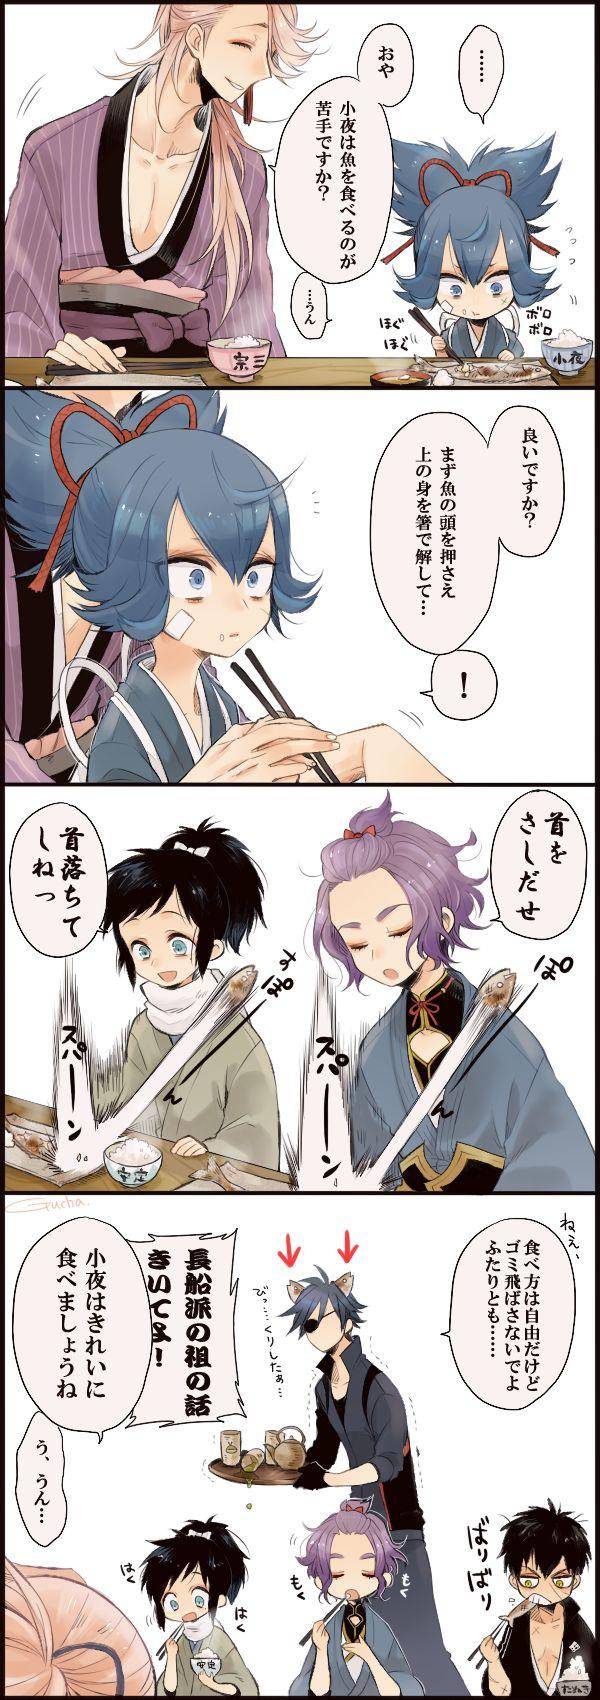 ぐちゃん on | 刀剣女士, 左文字兄弟, 刀剣亂舞 pixiv